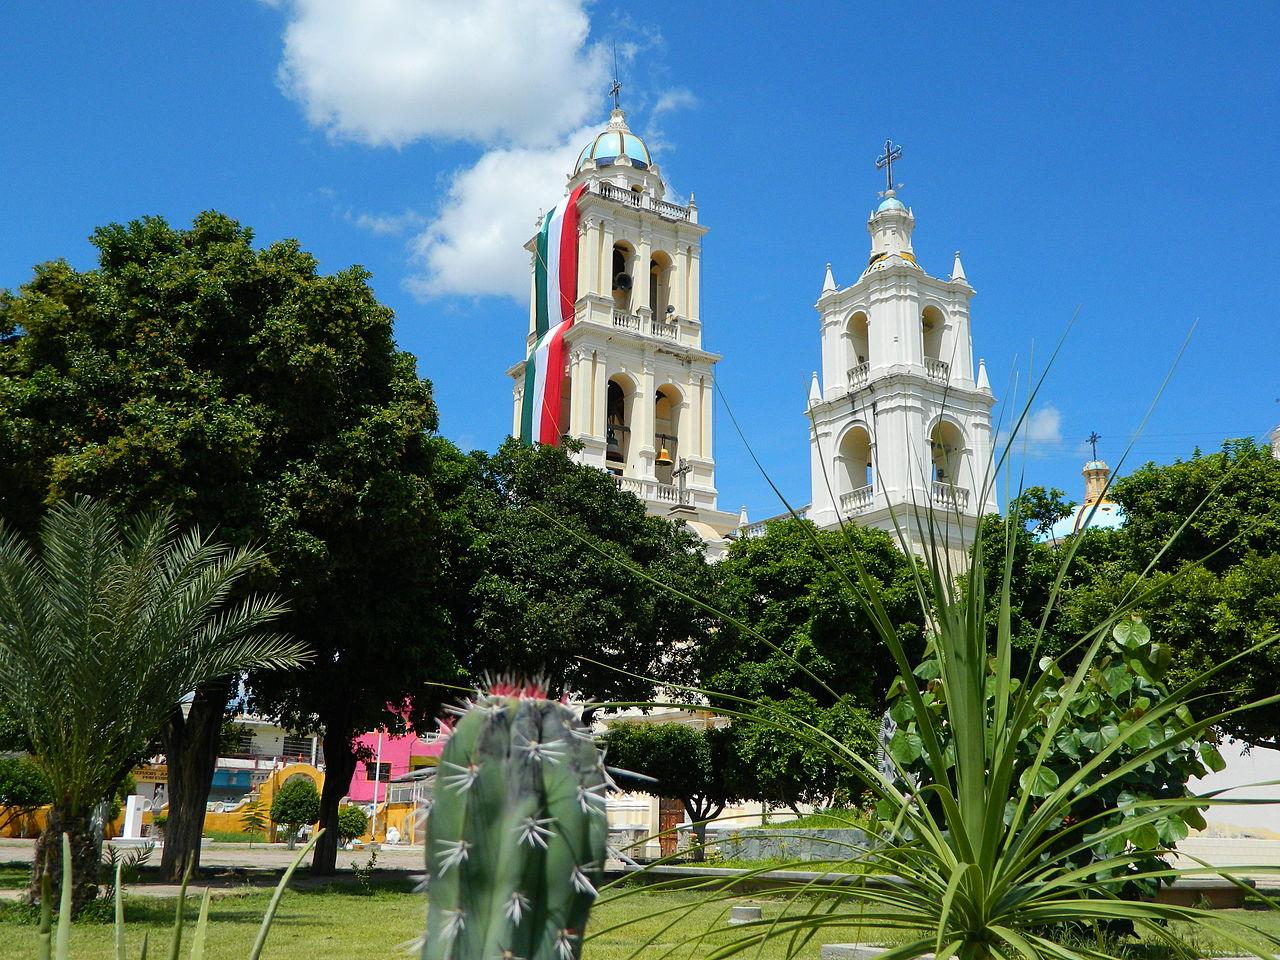 Vista de la iglesia de Acatlán de Osorio